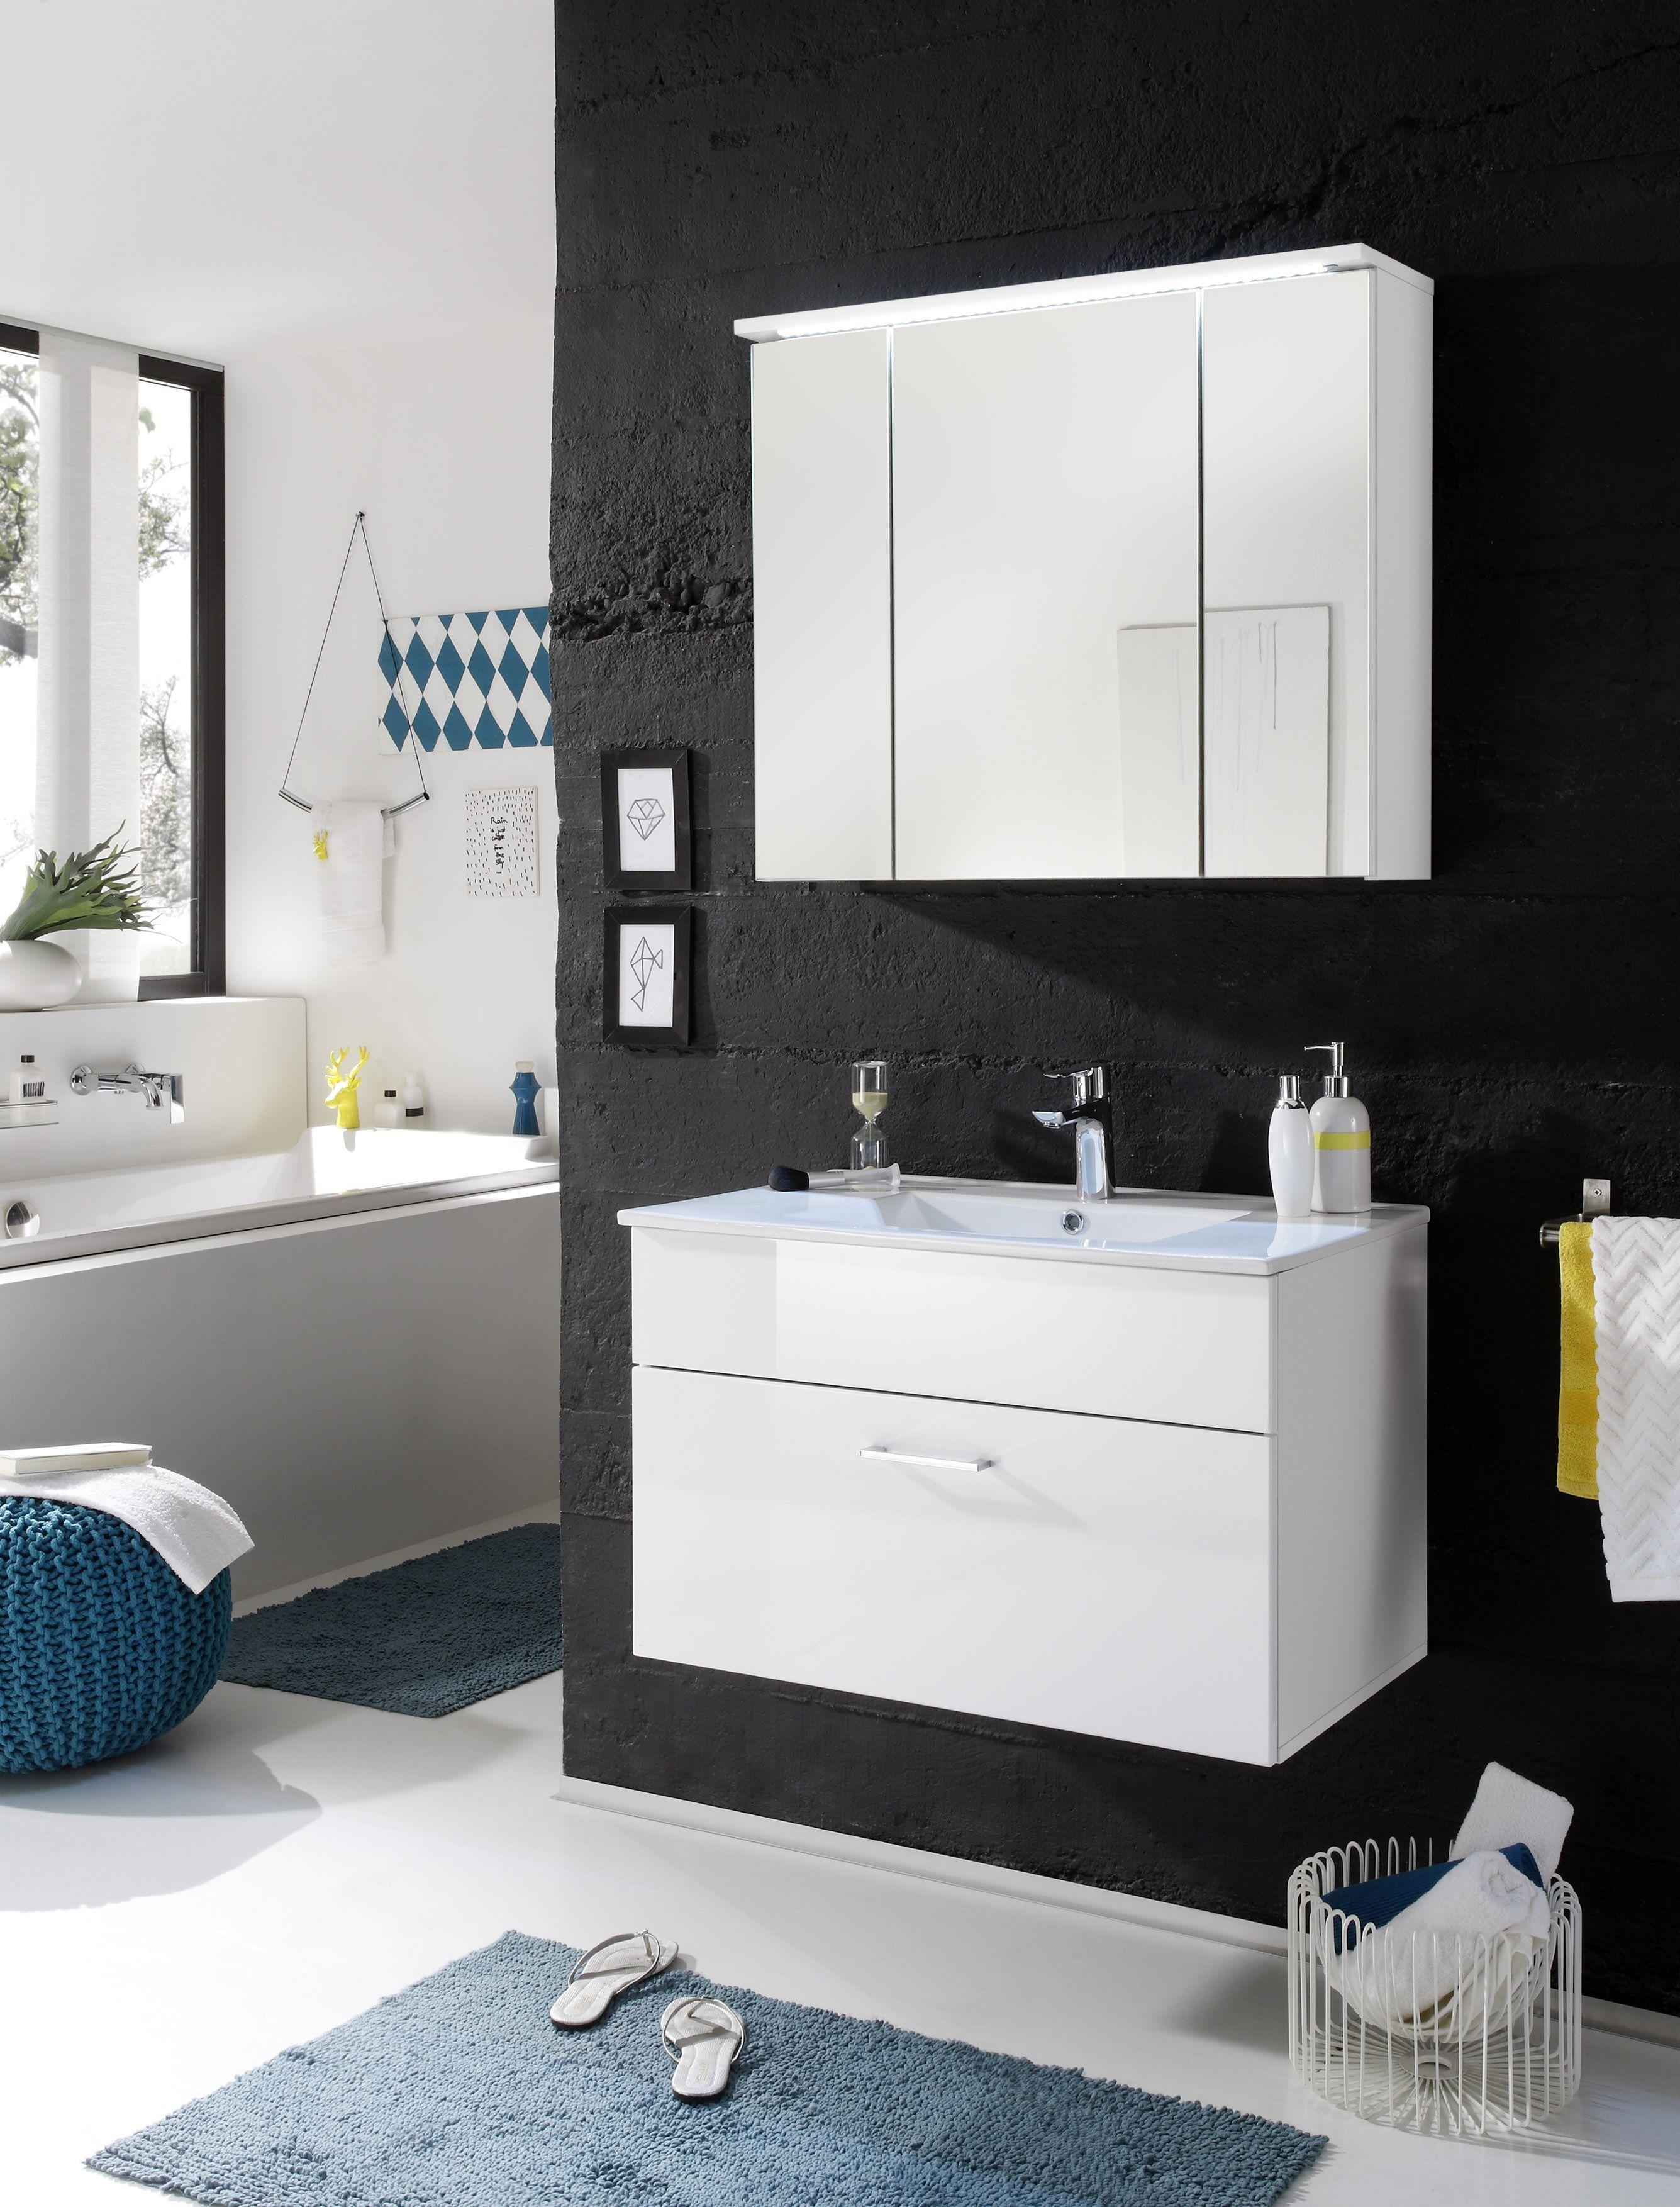 Badezimmer design beleuchtung badezimmer weiss hochglanz weiss mit beleuchtung woody